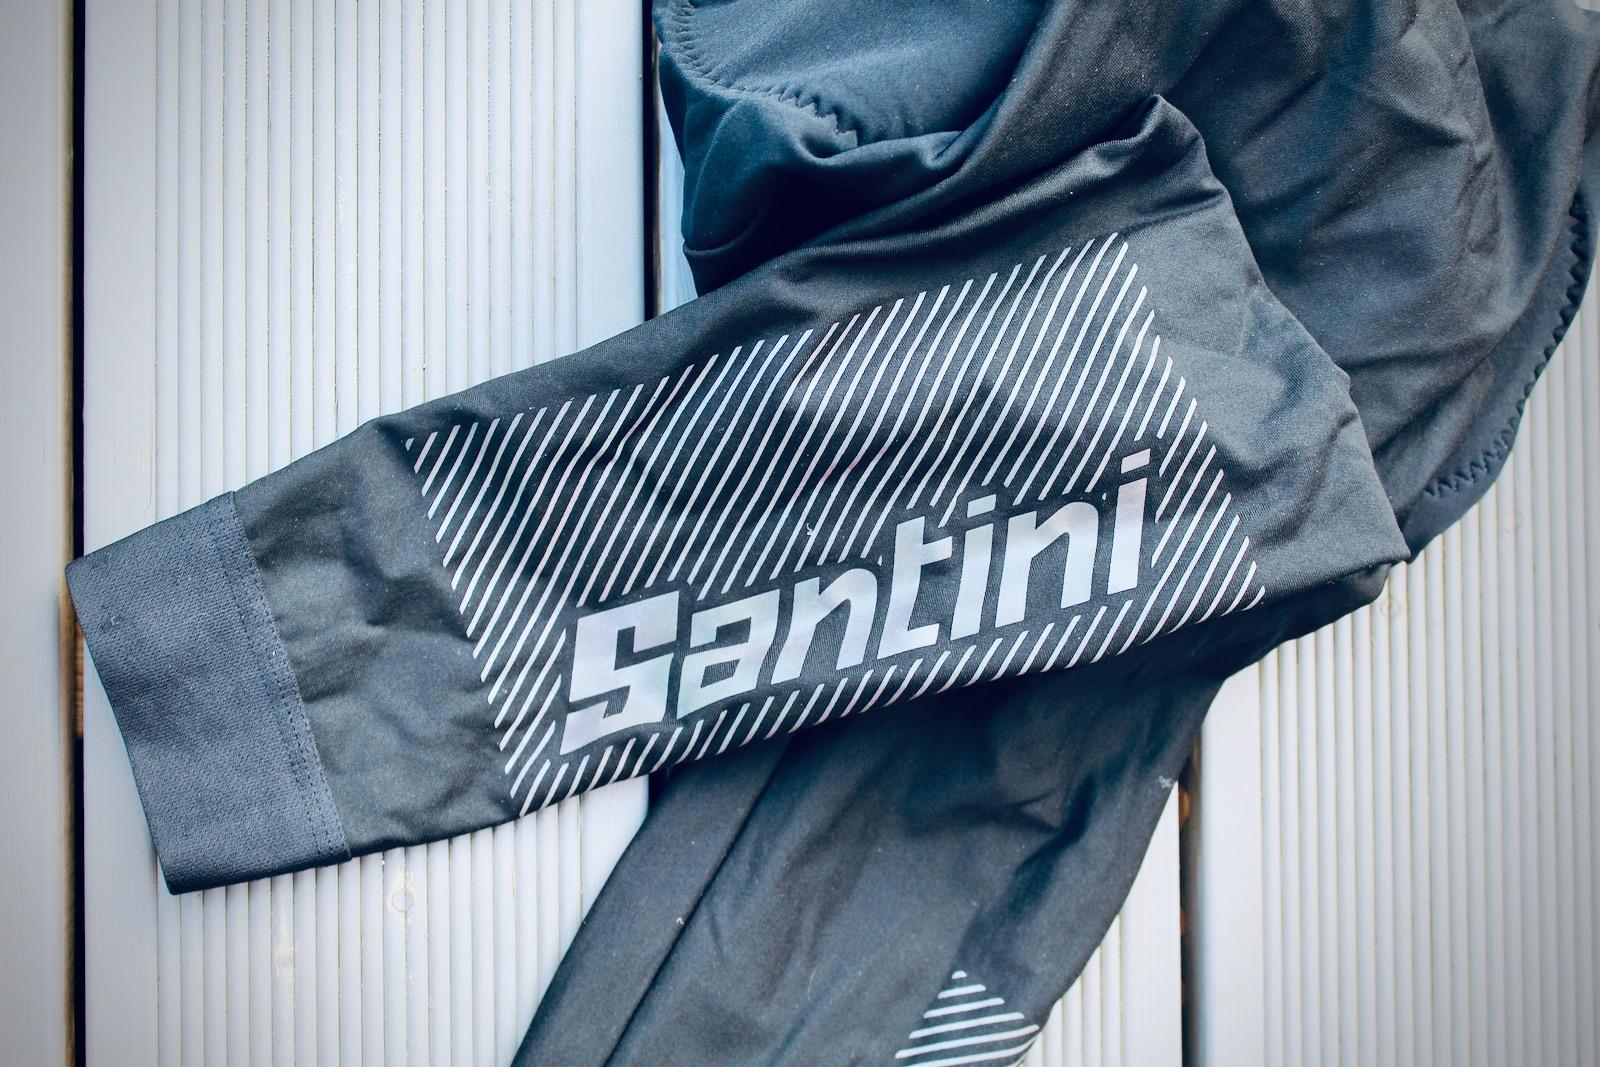 Santini Adapt Winter Cycling Bib Tights